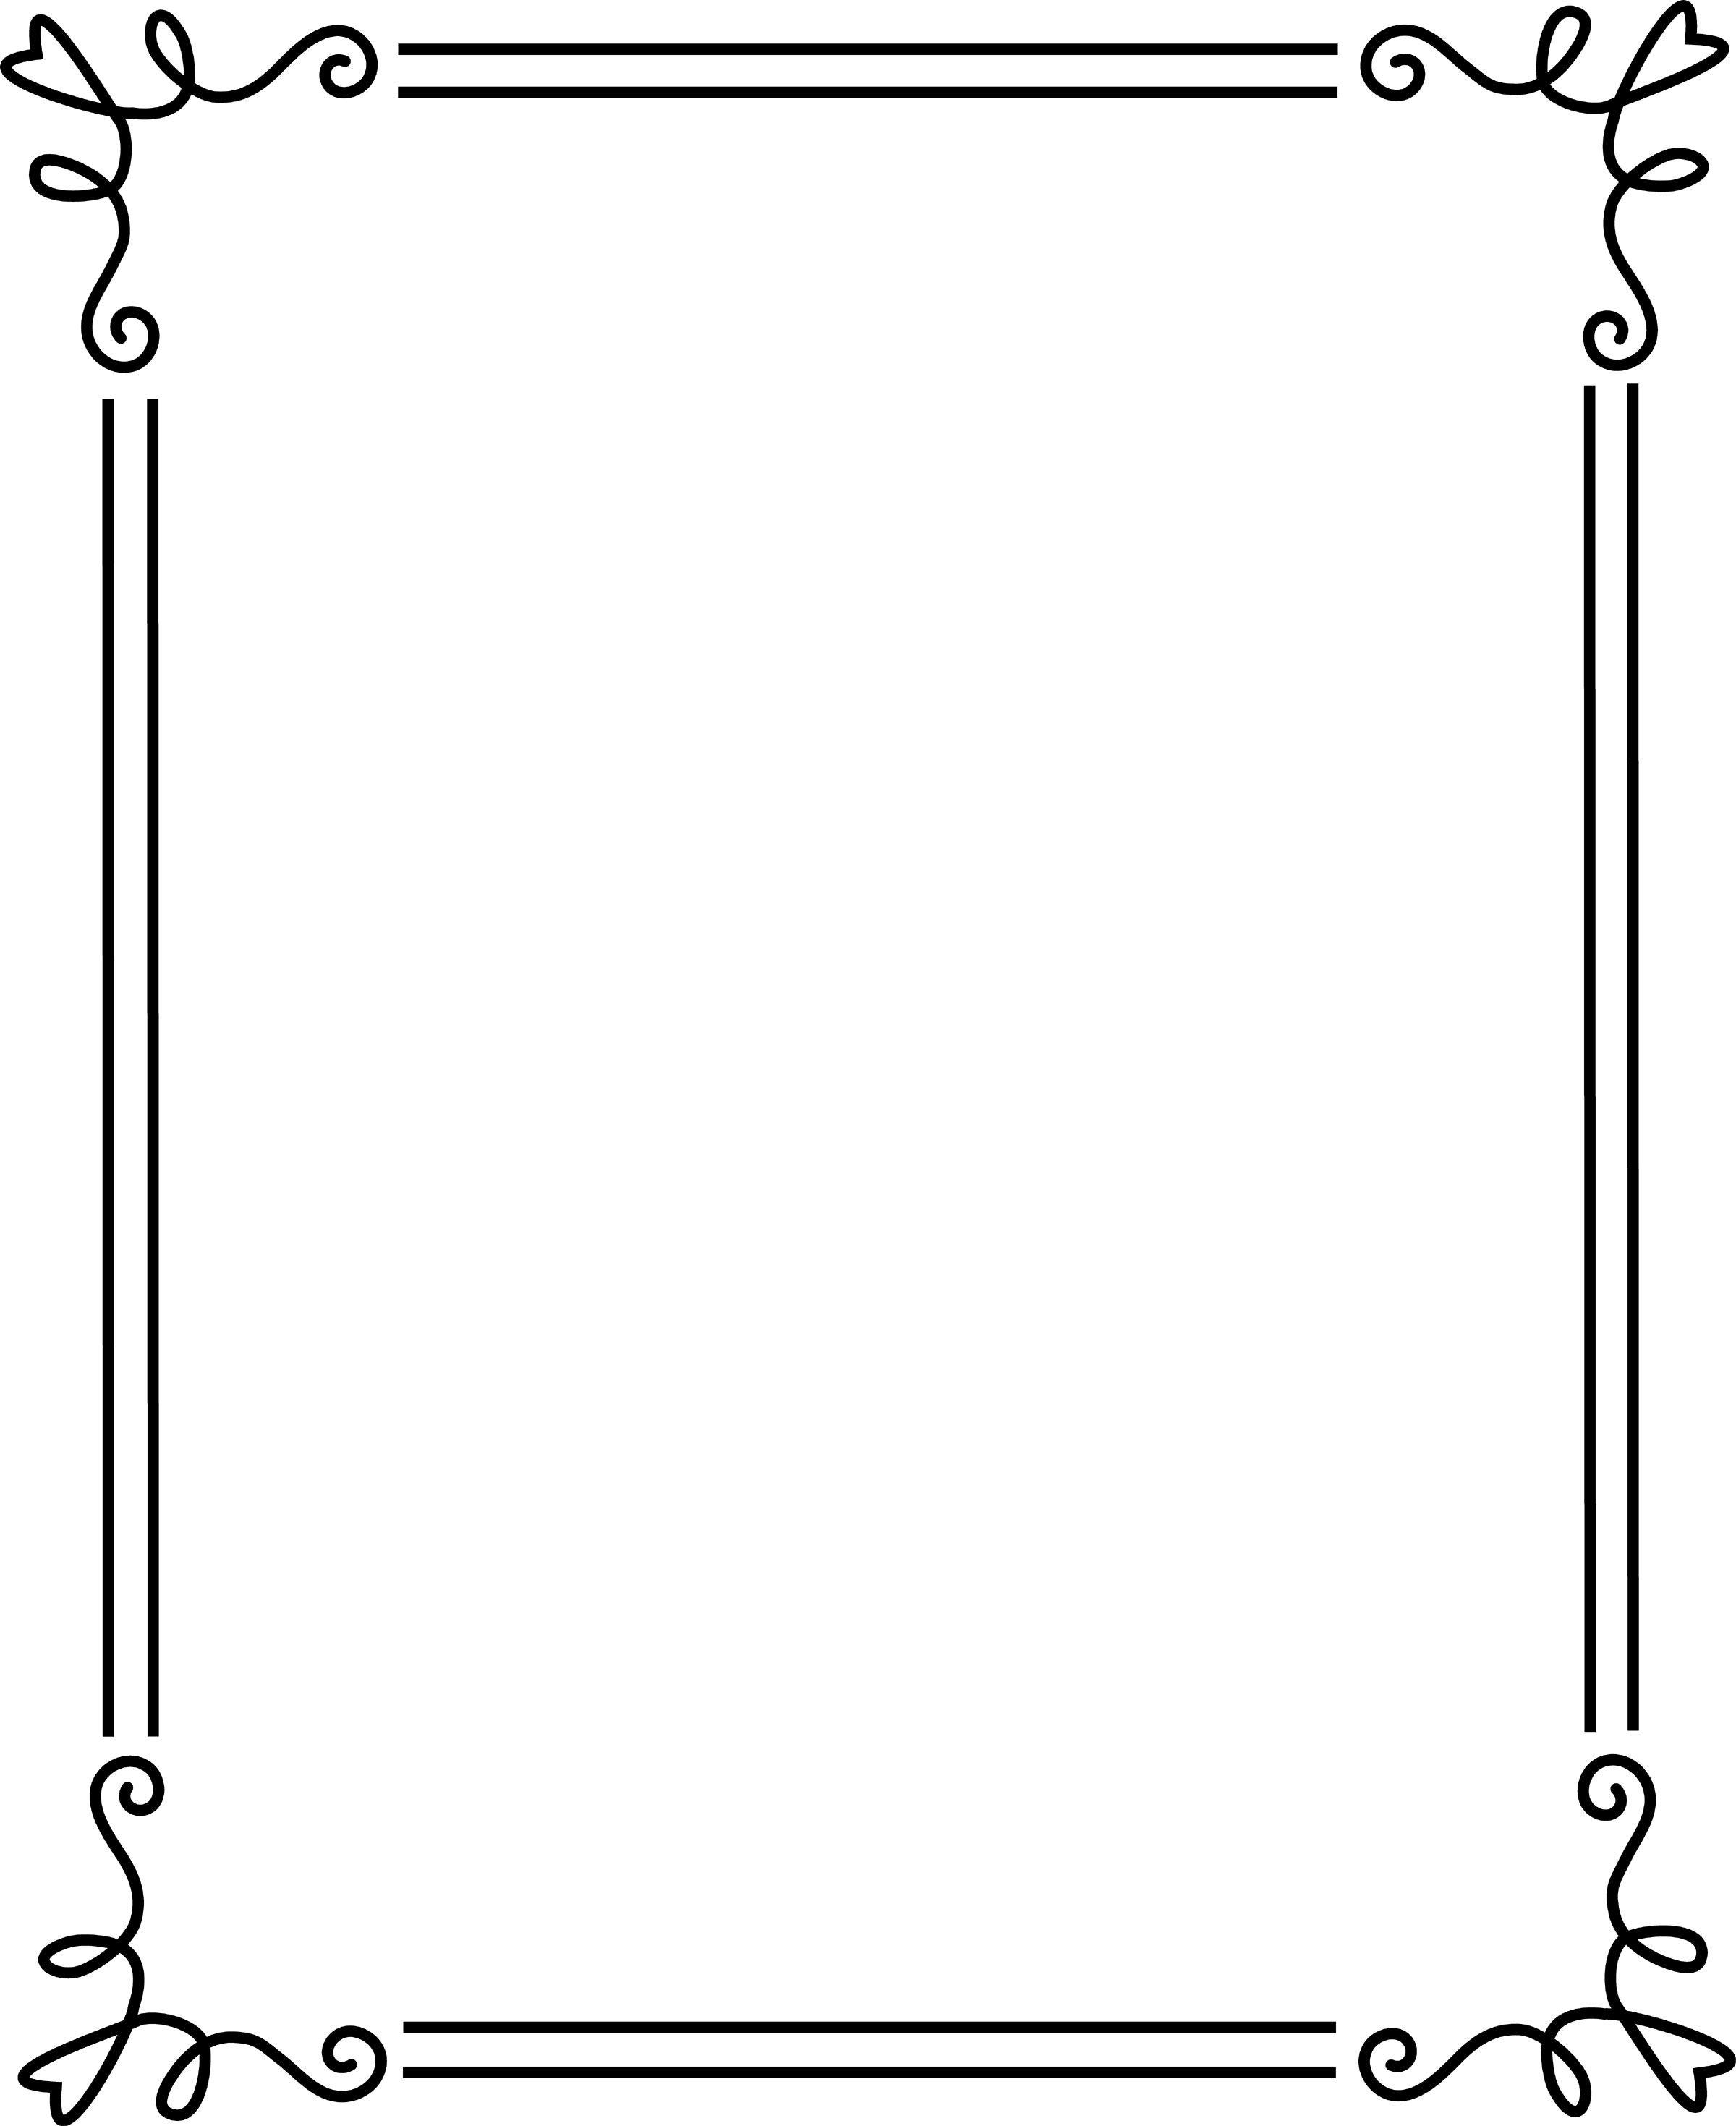 フレーム枠イラスト「シンプル」 | frame it | pinterest | frame